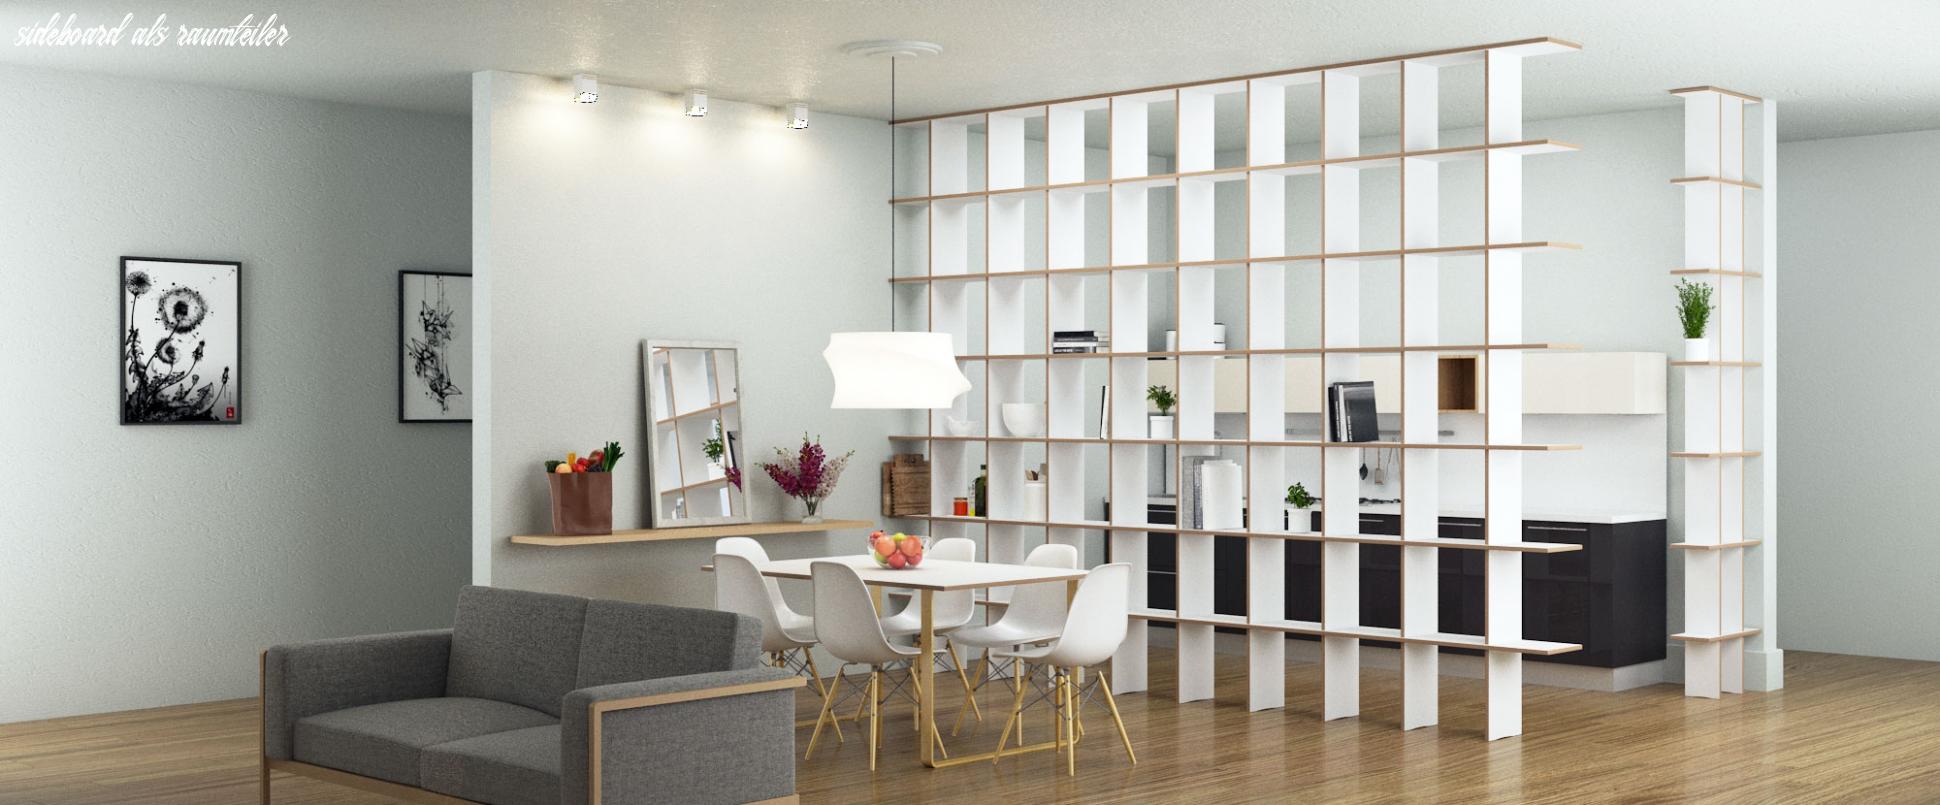 5 Neue Gedanken Zu Sideboard Als Raumteiler Die Ihre Welt Auf Den Kopf Stellen Raumtrenner Raumteiler Haus Deko